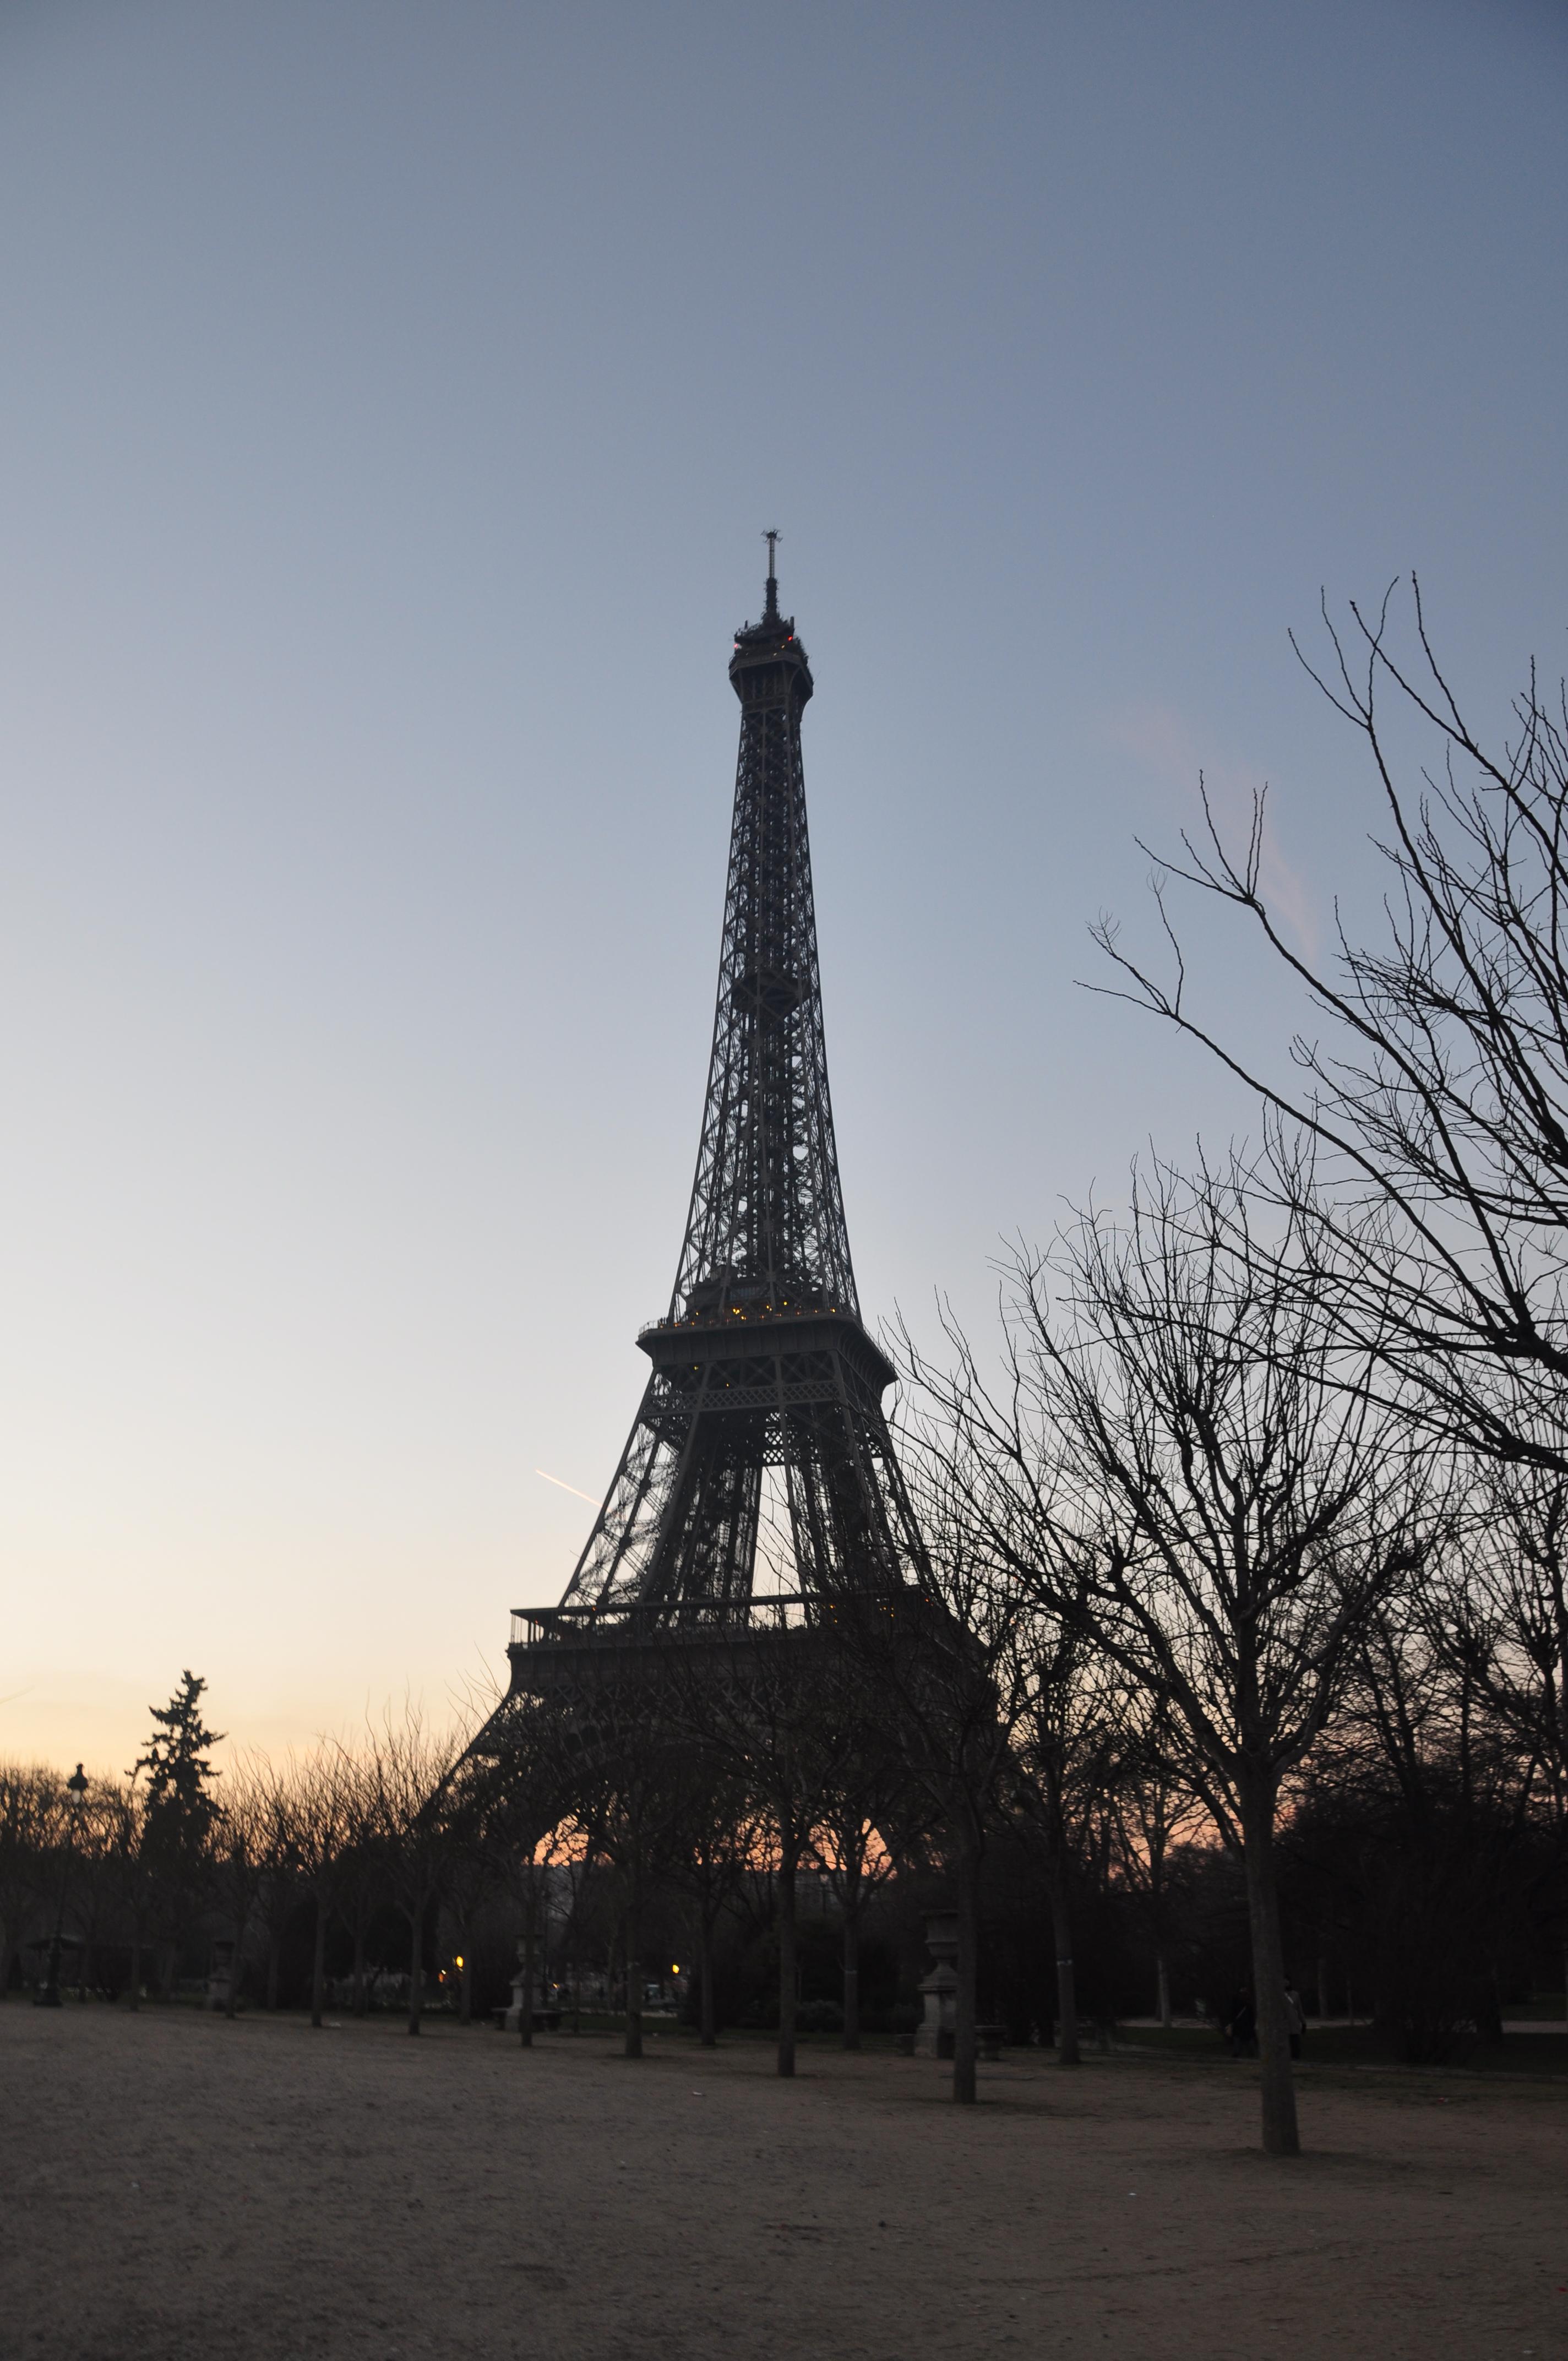 一个多世纪以前,当法国建筑师古斯塔夫·埃菲尔为纪念法国大革命100周年而举办的巴黎世博会提出建立主题铁塔的计划时,人们并没有对此表示出多大的兴趣,甚至曾有人极力反对建造铁塔。1887年2月14日,就在工人们开挖铁塔地基的几周后,法国一些著名文人还曾向政府提出抗议,称铁塔是巴黎的耻辱,一位作家还把它贬低为真正不幸的路灯。 但事实很快证明,他们错了。1889年,埃菲尔铁塔建成,连同顶部的旗杆在内,塔高312米,是当时世界上最高的建筑。铁塔轰动了1889年的巴黎世博会,近200万人在世博会期间登